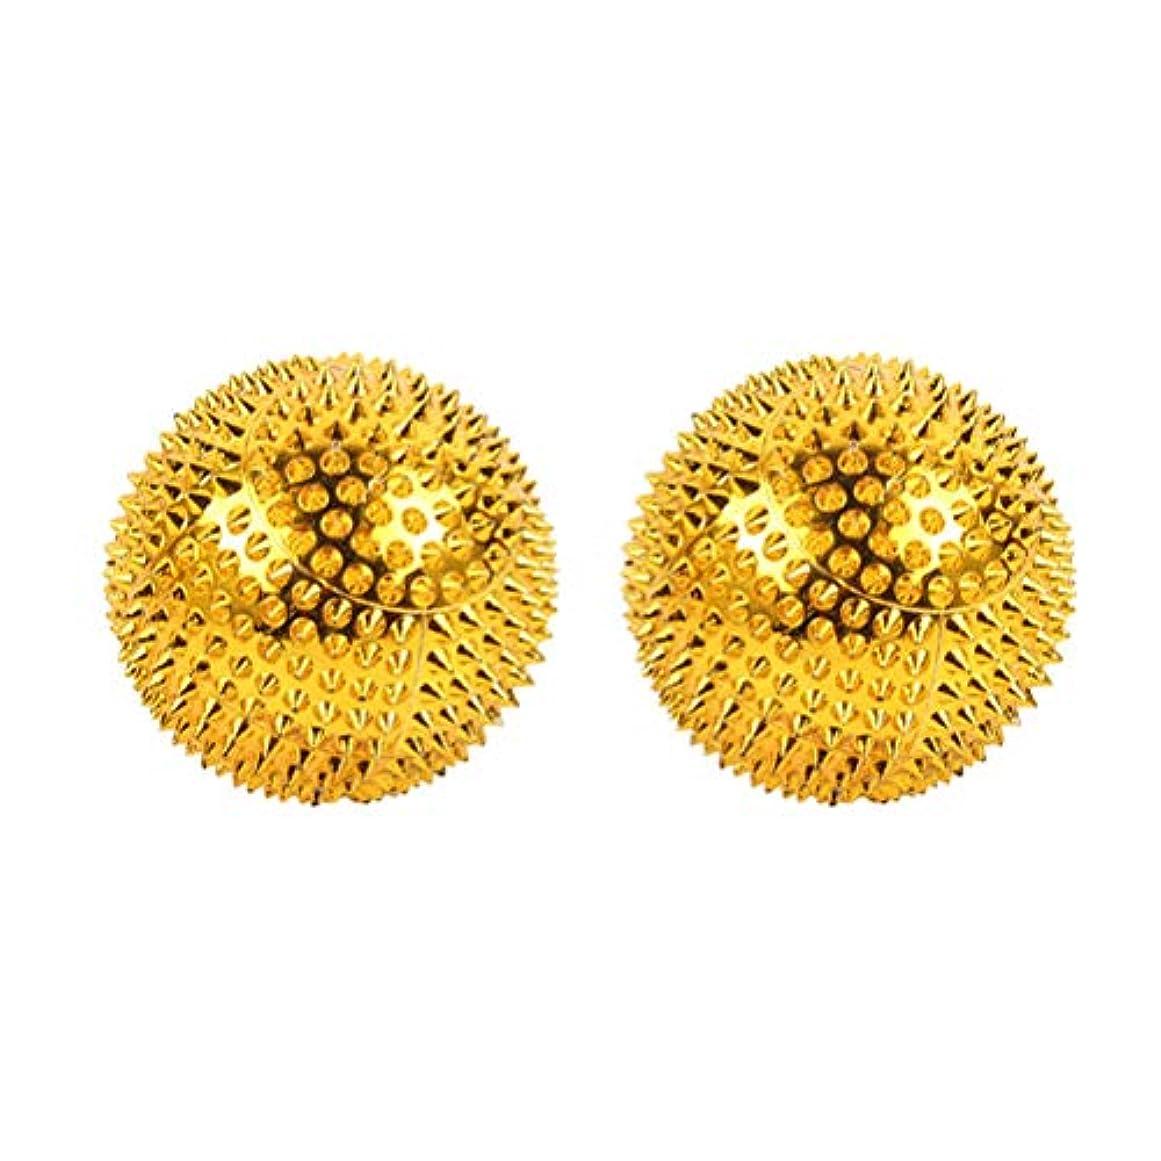 移植いくつかの超高層ビルHEALIFTY 磁気マッサージボール先端のとがった鍼灸ボール指圧マッサージ2本(ゴールデン)